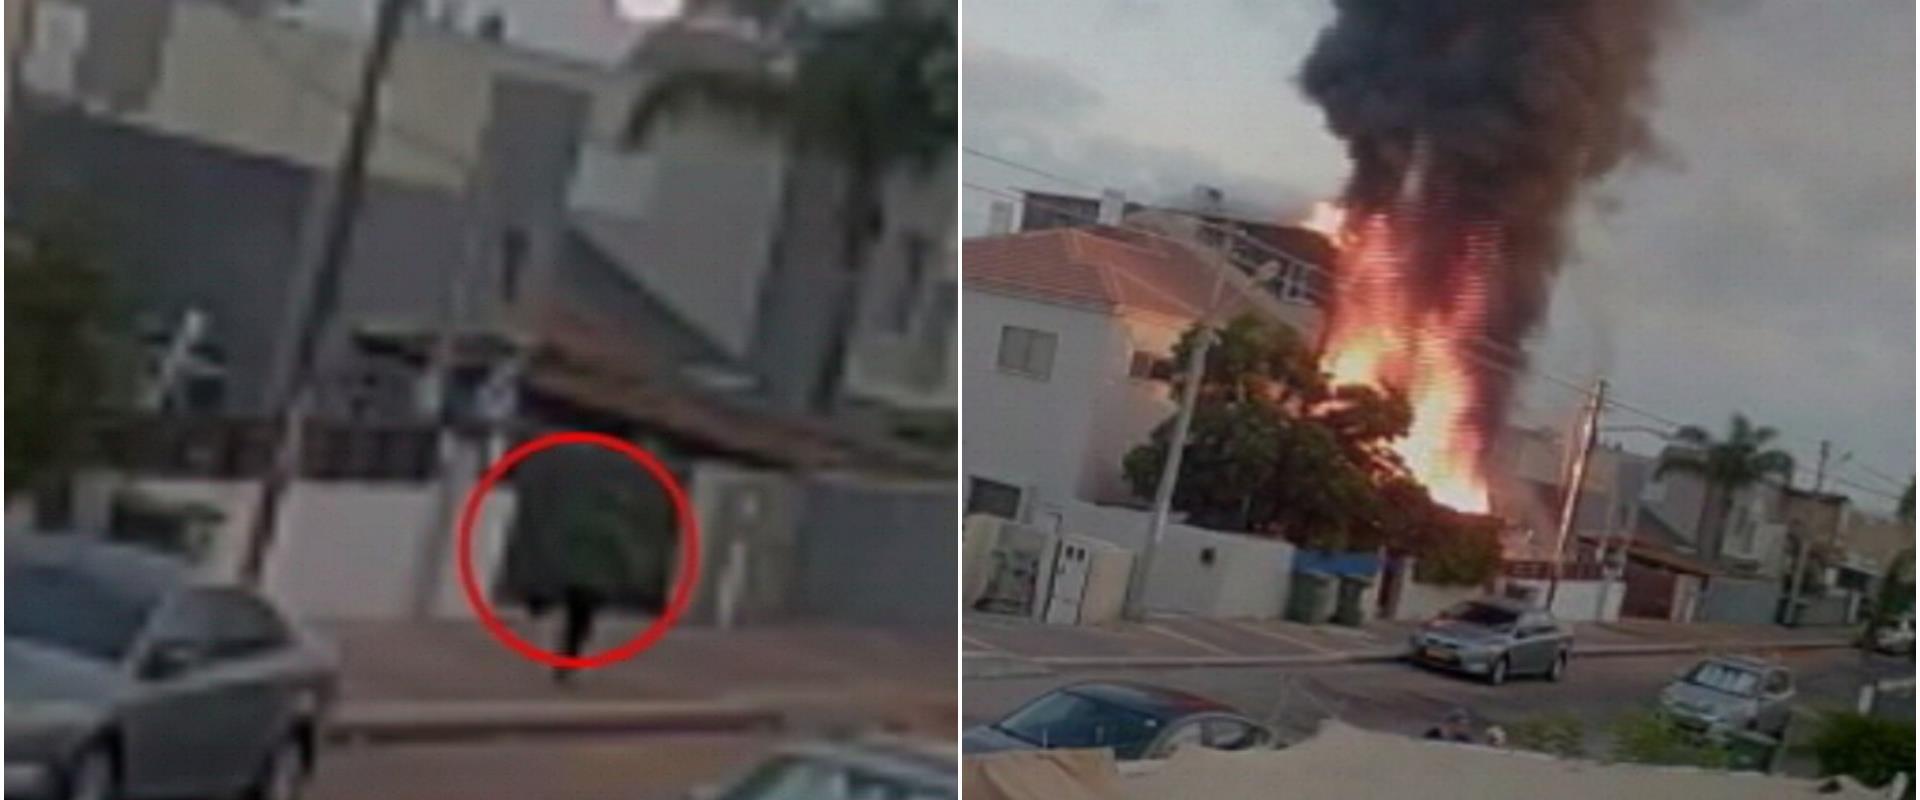 תיעוד הצתת ביתה של כרמל מעודה ממצלמות האבטחה